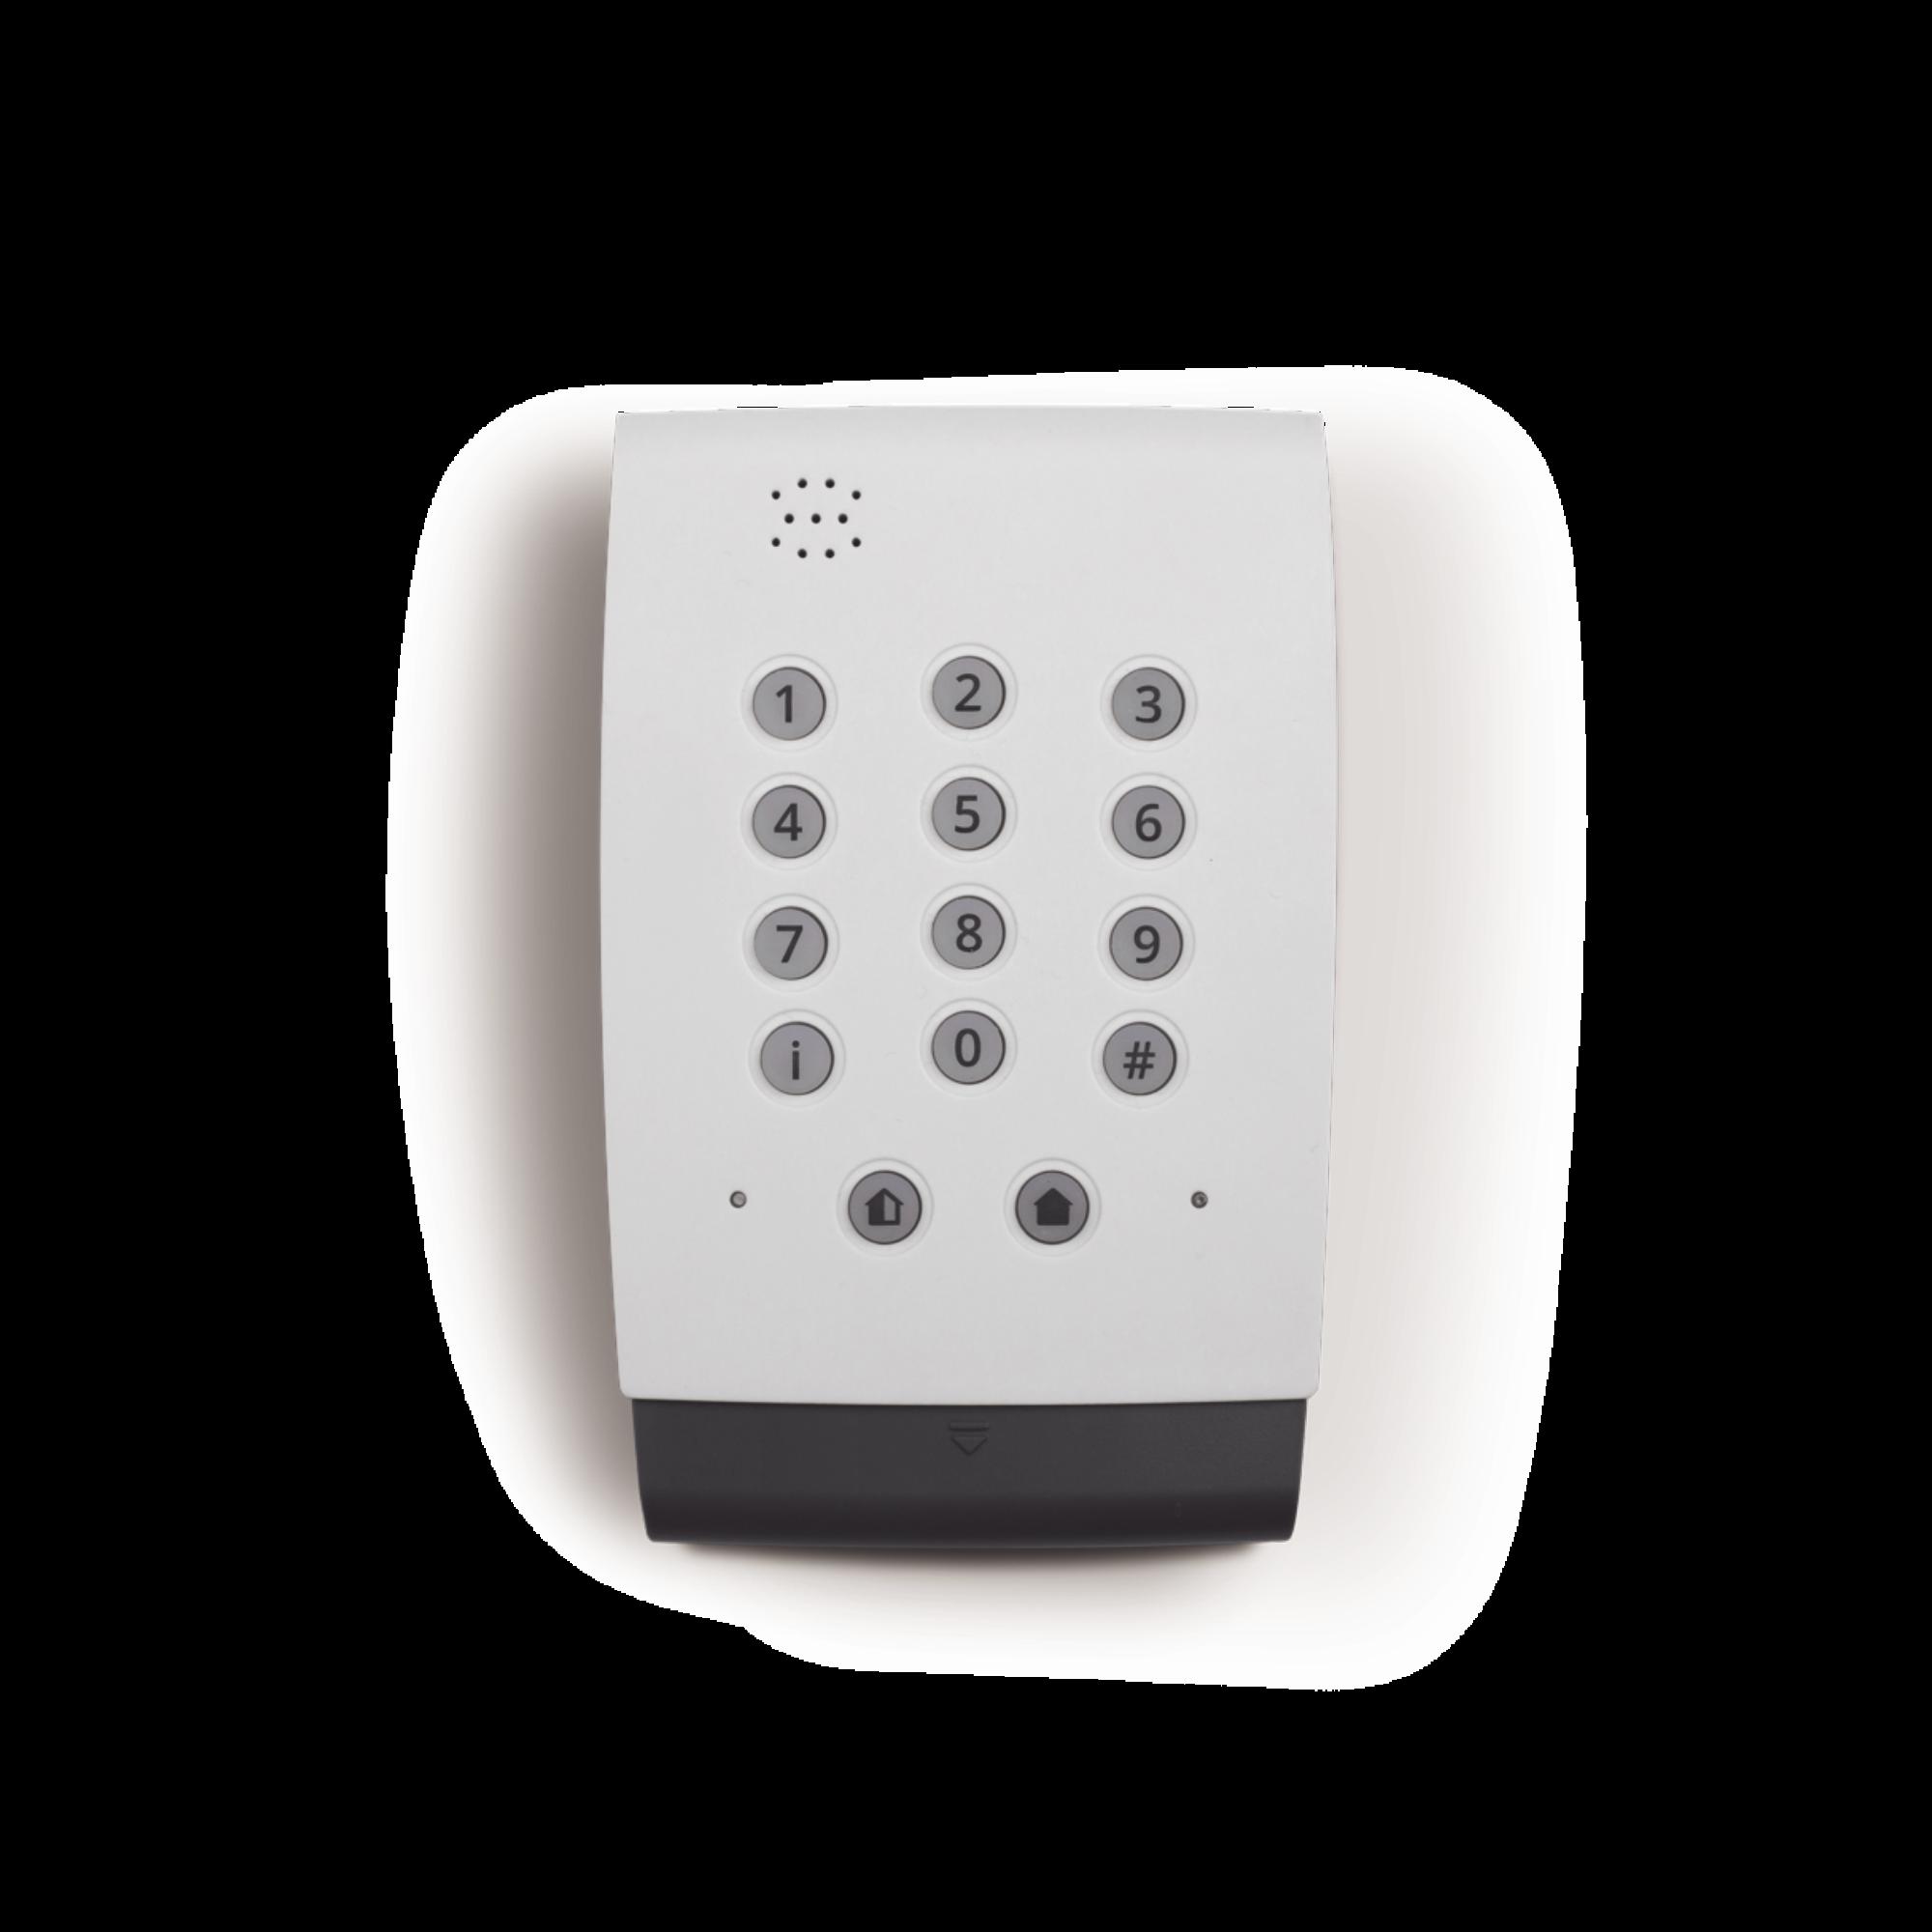 Panel de alarma cableada. Apto para la seguridad de pequeñas oficinas y otros inmuebles comerciales.